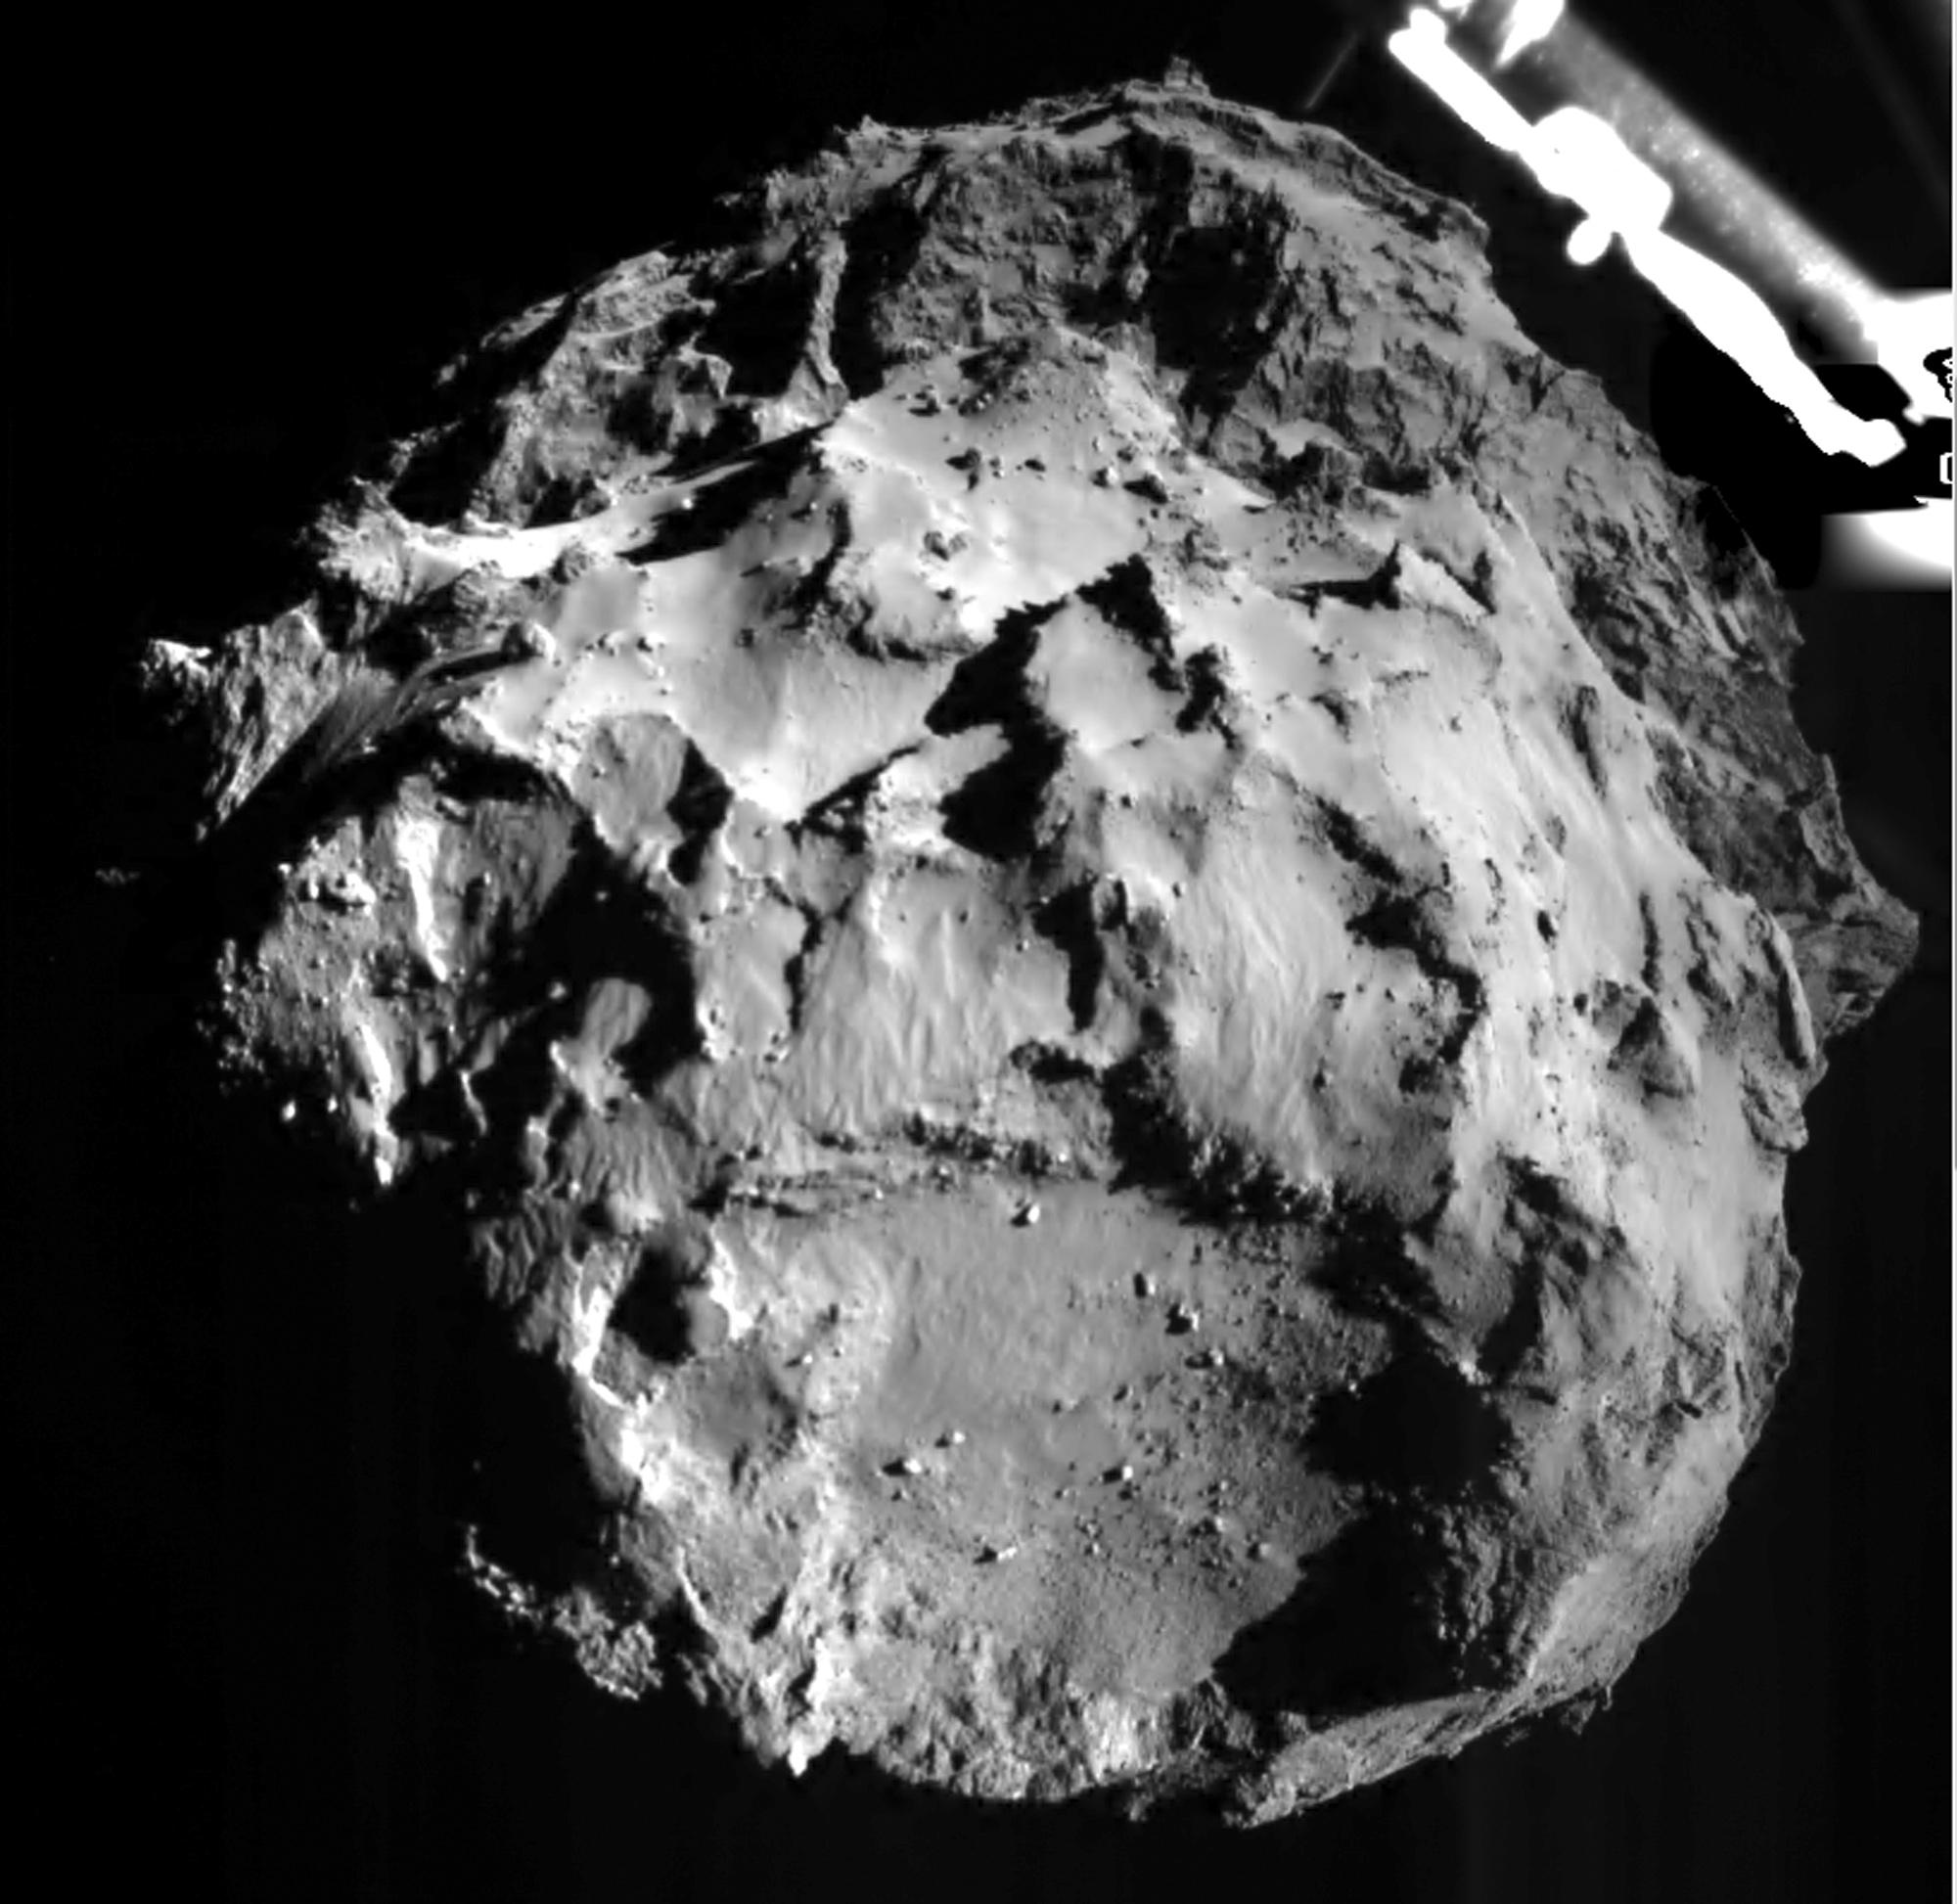 Imagen divulgada por la Agencia Espacial Europea el miércoles 12 de noviembre de 2014 durante el descenso de la sonda Philae que muestra la superficie del cometa 67P/Churyumov-Gerasimenko desde una distancia de 3 kilómetros. (Foto AP/ESA)